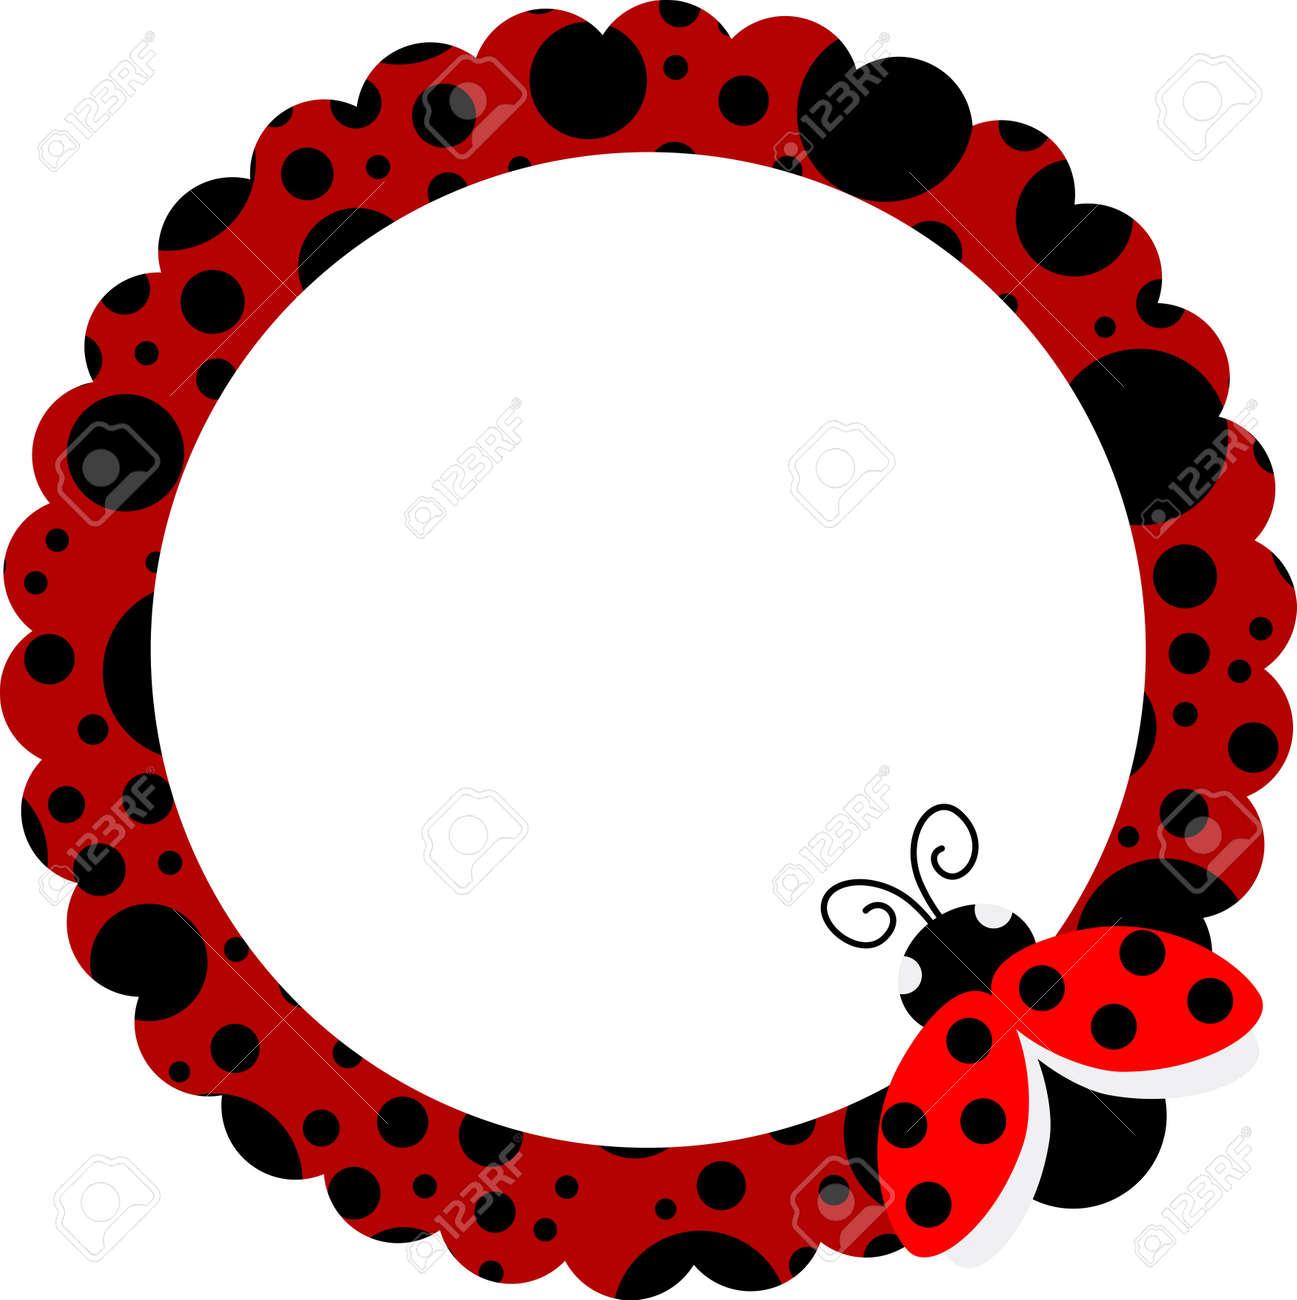 Ladybug Circle Frame - 14125878